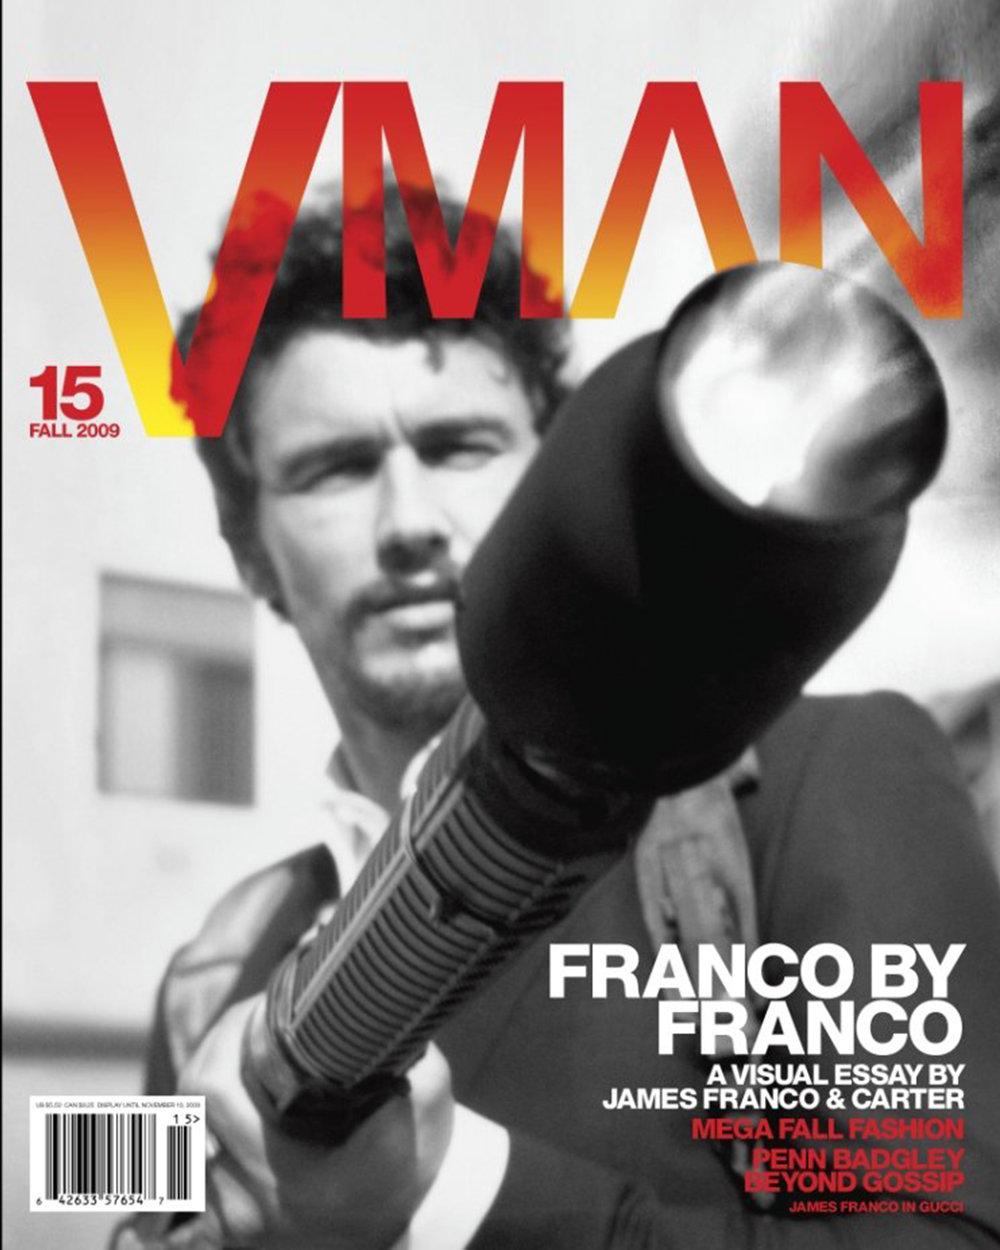 Byron_SingleCrops_0020_Photos-James-Franco-Cover-October-V-Man.jpg